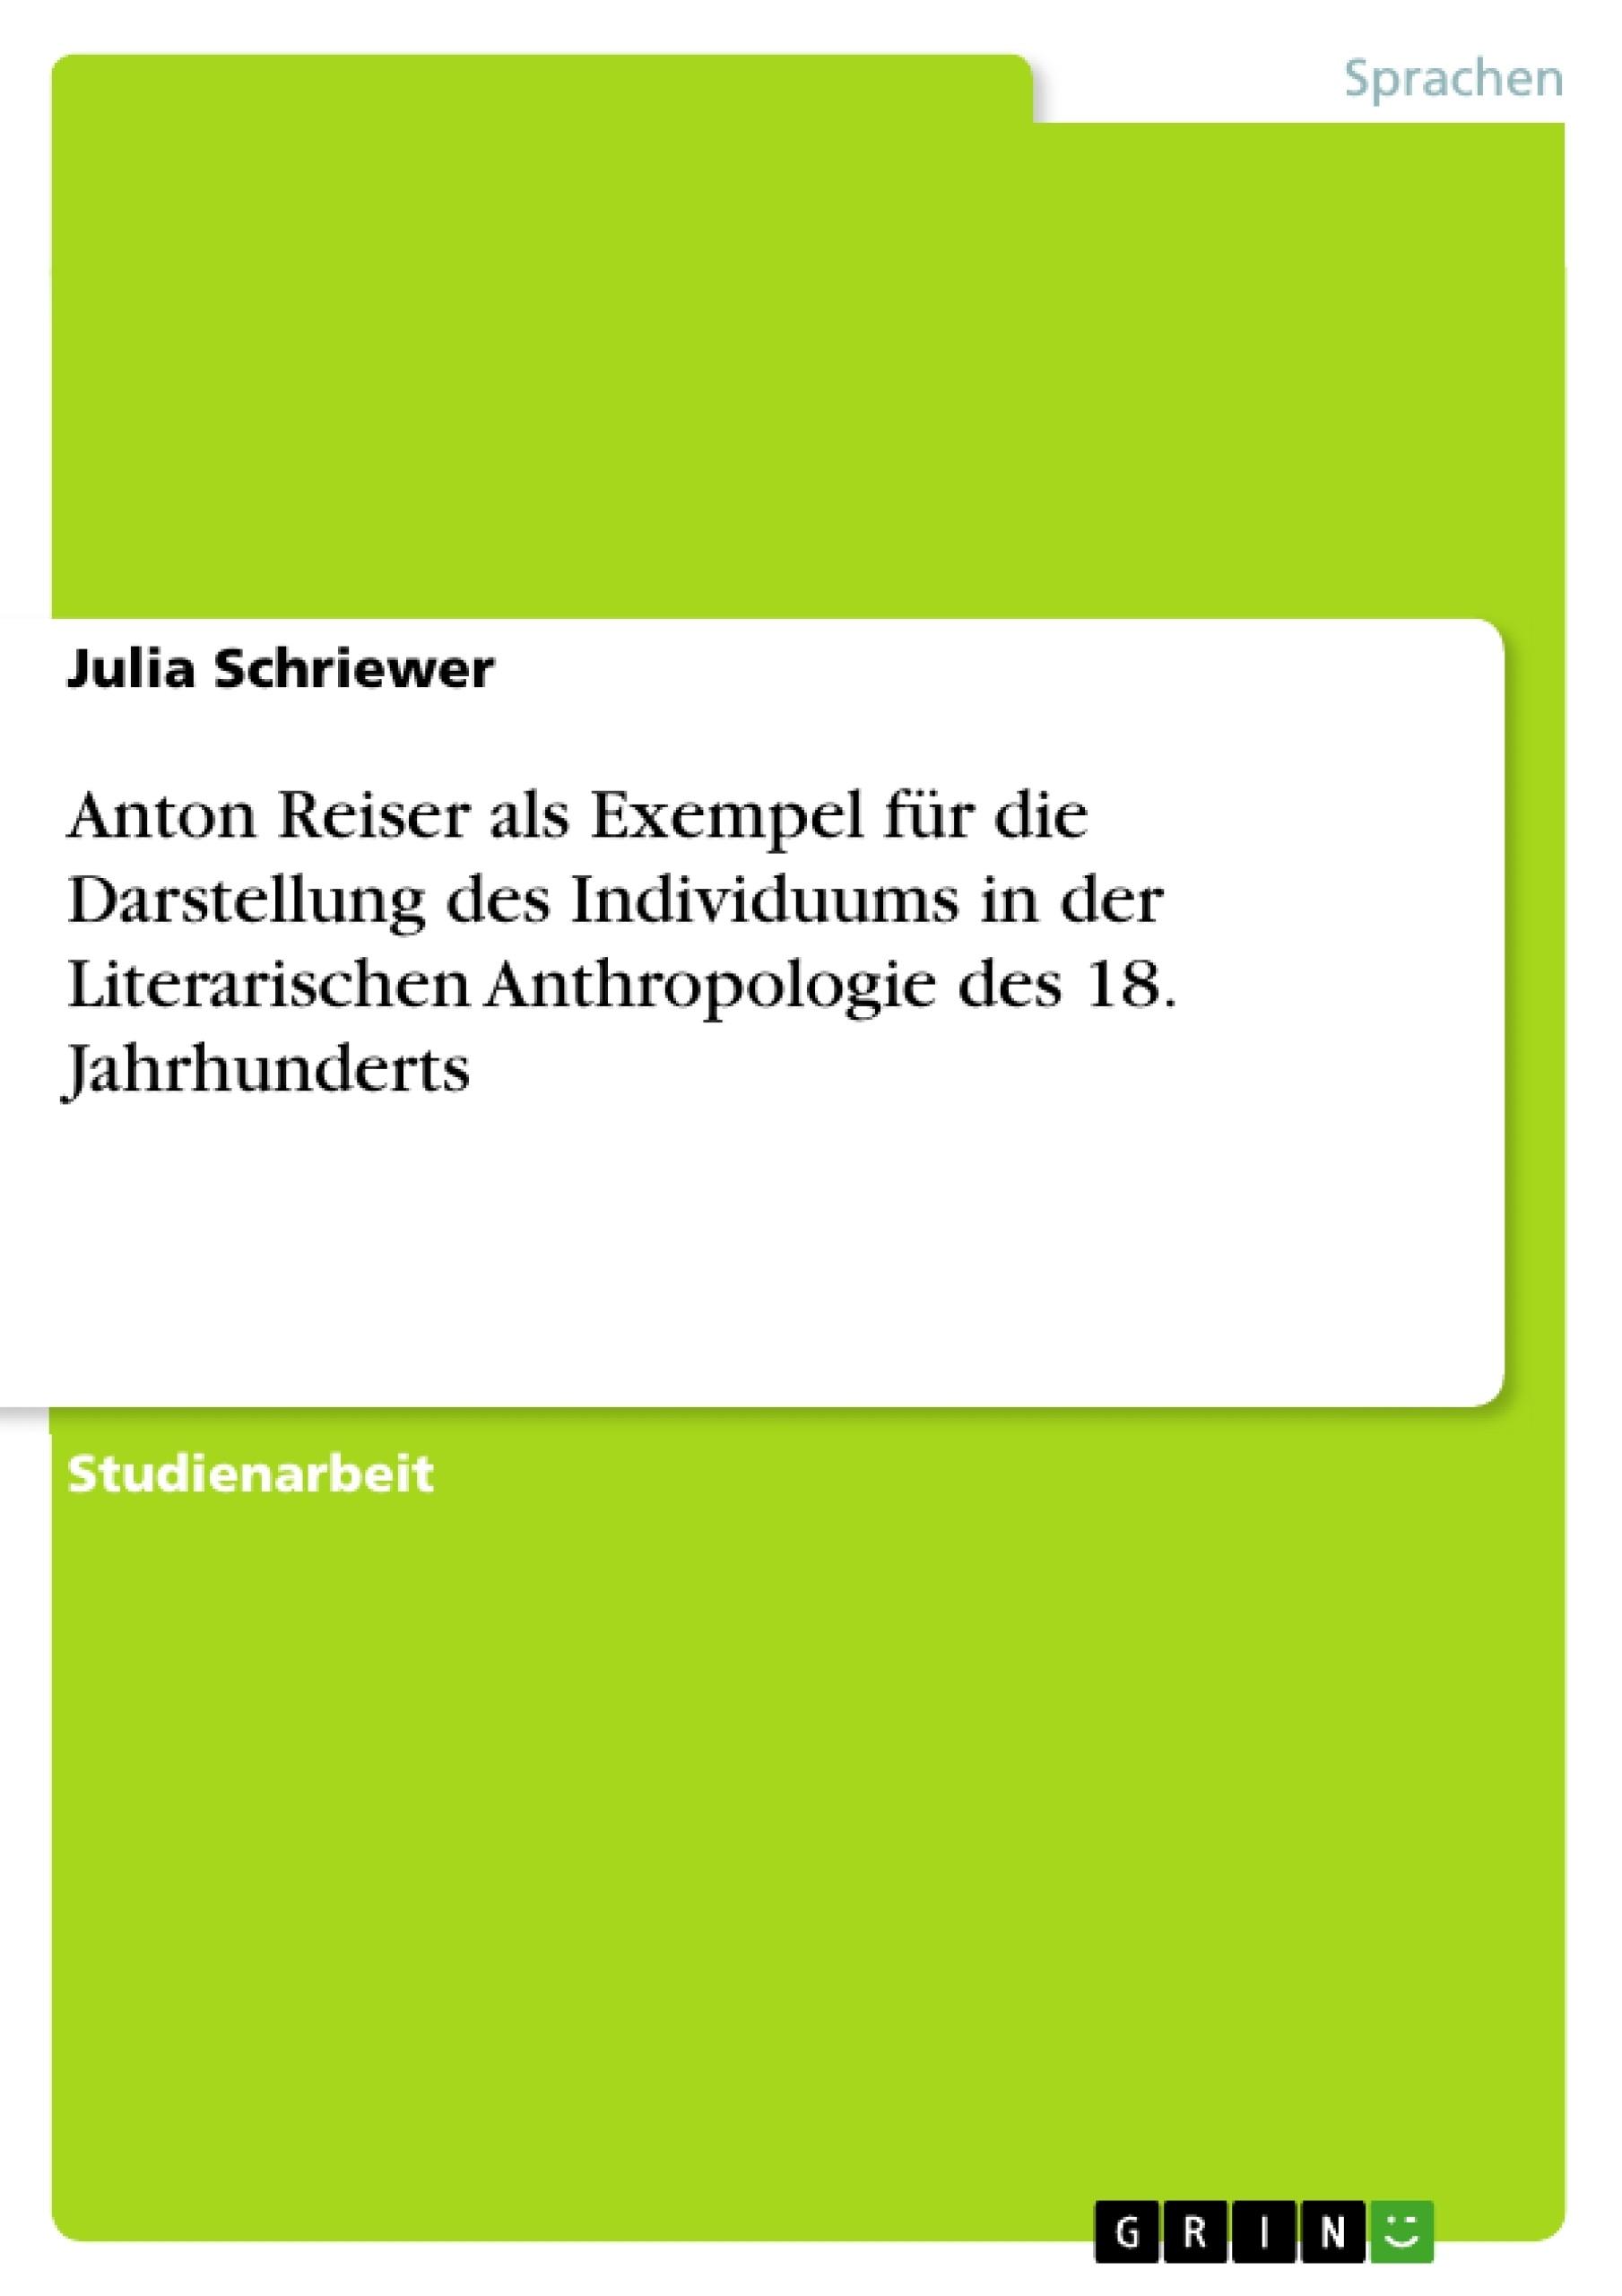 Titel: Anton Reiser als Exempel für die Darstellung des Individuums in der Literarischen Anthropologie des 18. Jahrhunderts